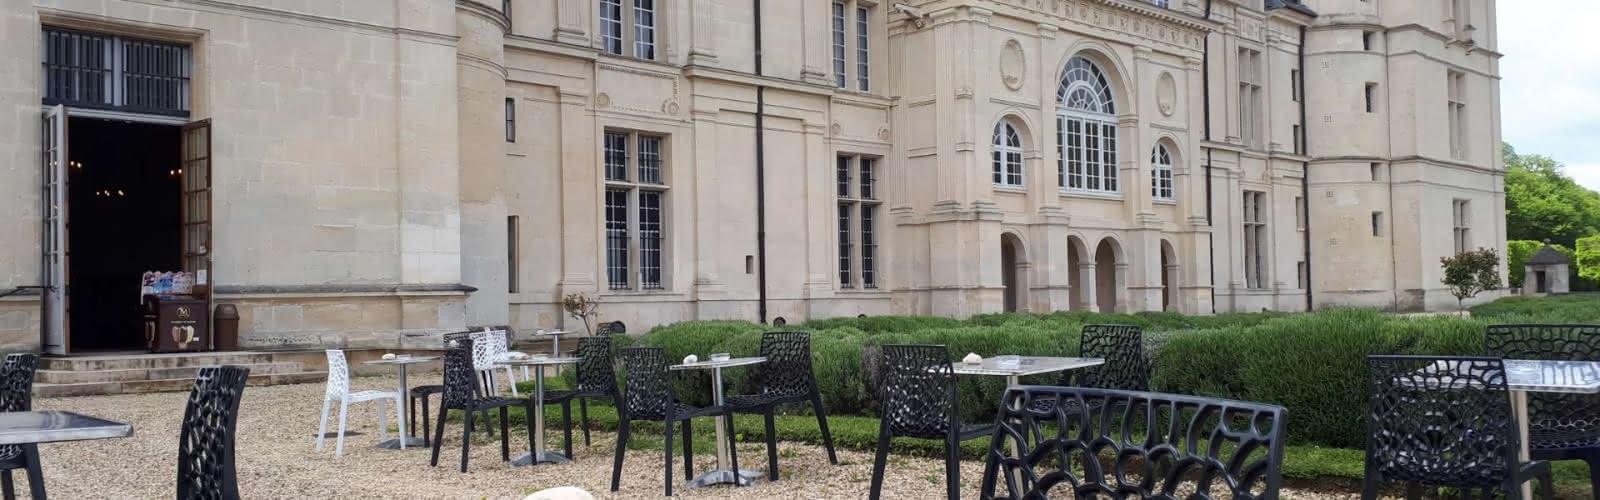 Terrasse et vue sur le château d'Ecouen